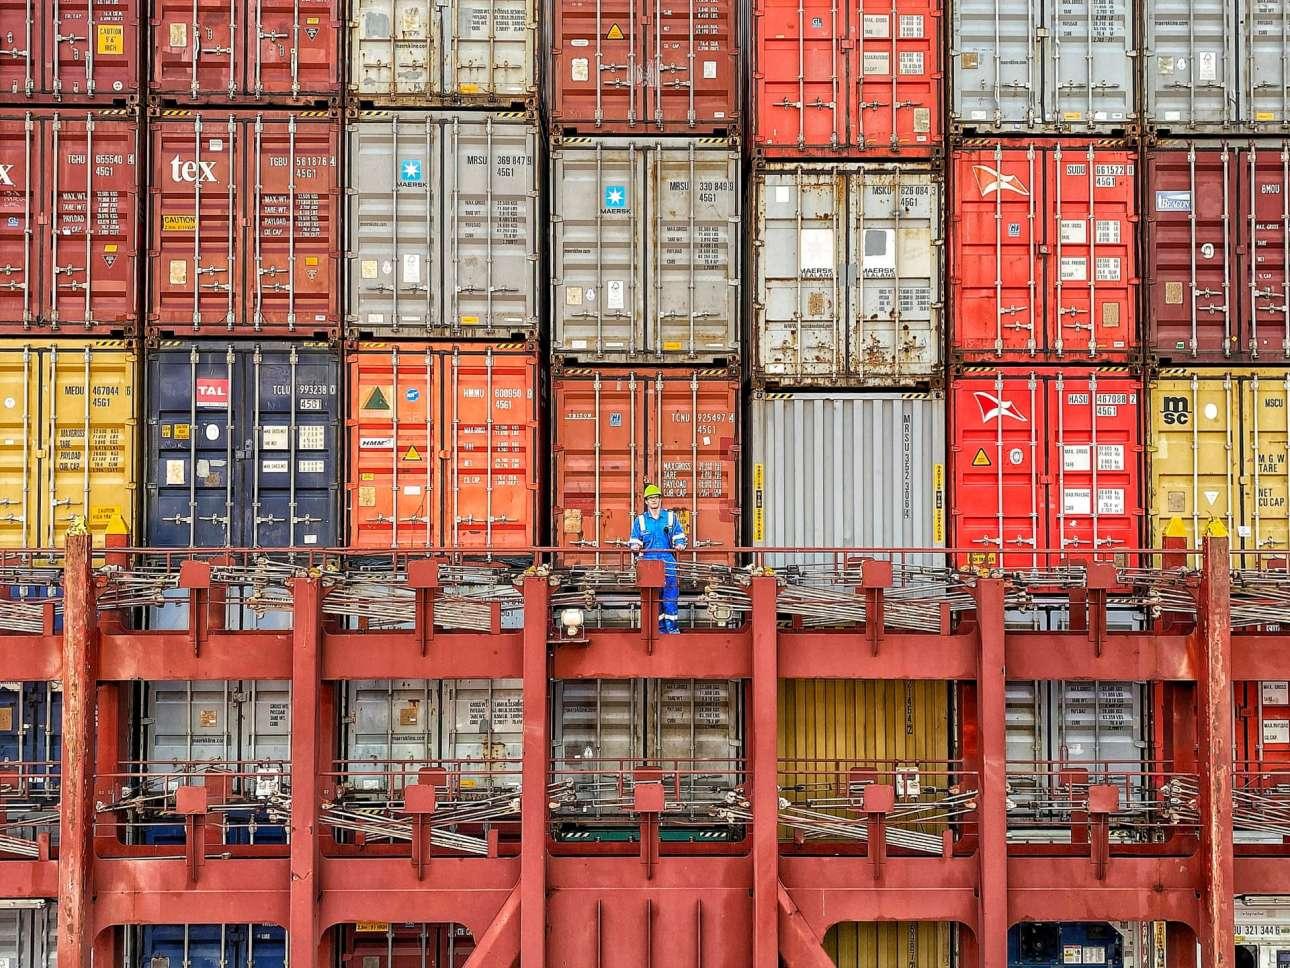 Η φόρτωση και η εκφόρτωση είναι το άλφα και το ωμέγα στο καράβι, αφού το λάθος πληρώνεται με ζωές. Μετά τη σωστή στοίβαξη ο ναυτικός επιβλέπει, και καμιά φορά δείχνει μικροσκοπικός ανάμεσα σε 18.000 εμπορευματοκιβώτια...